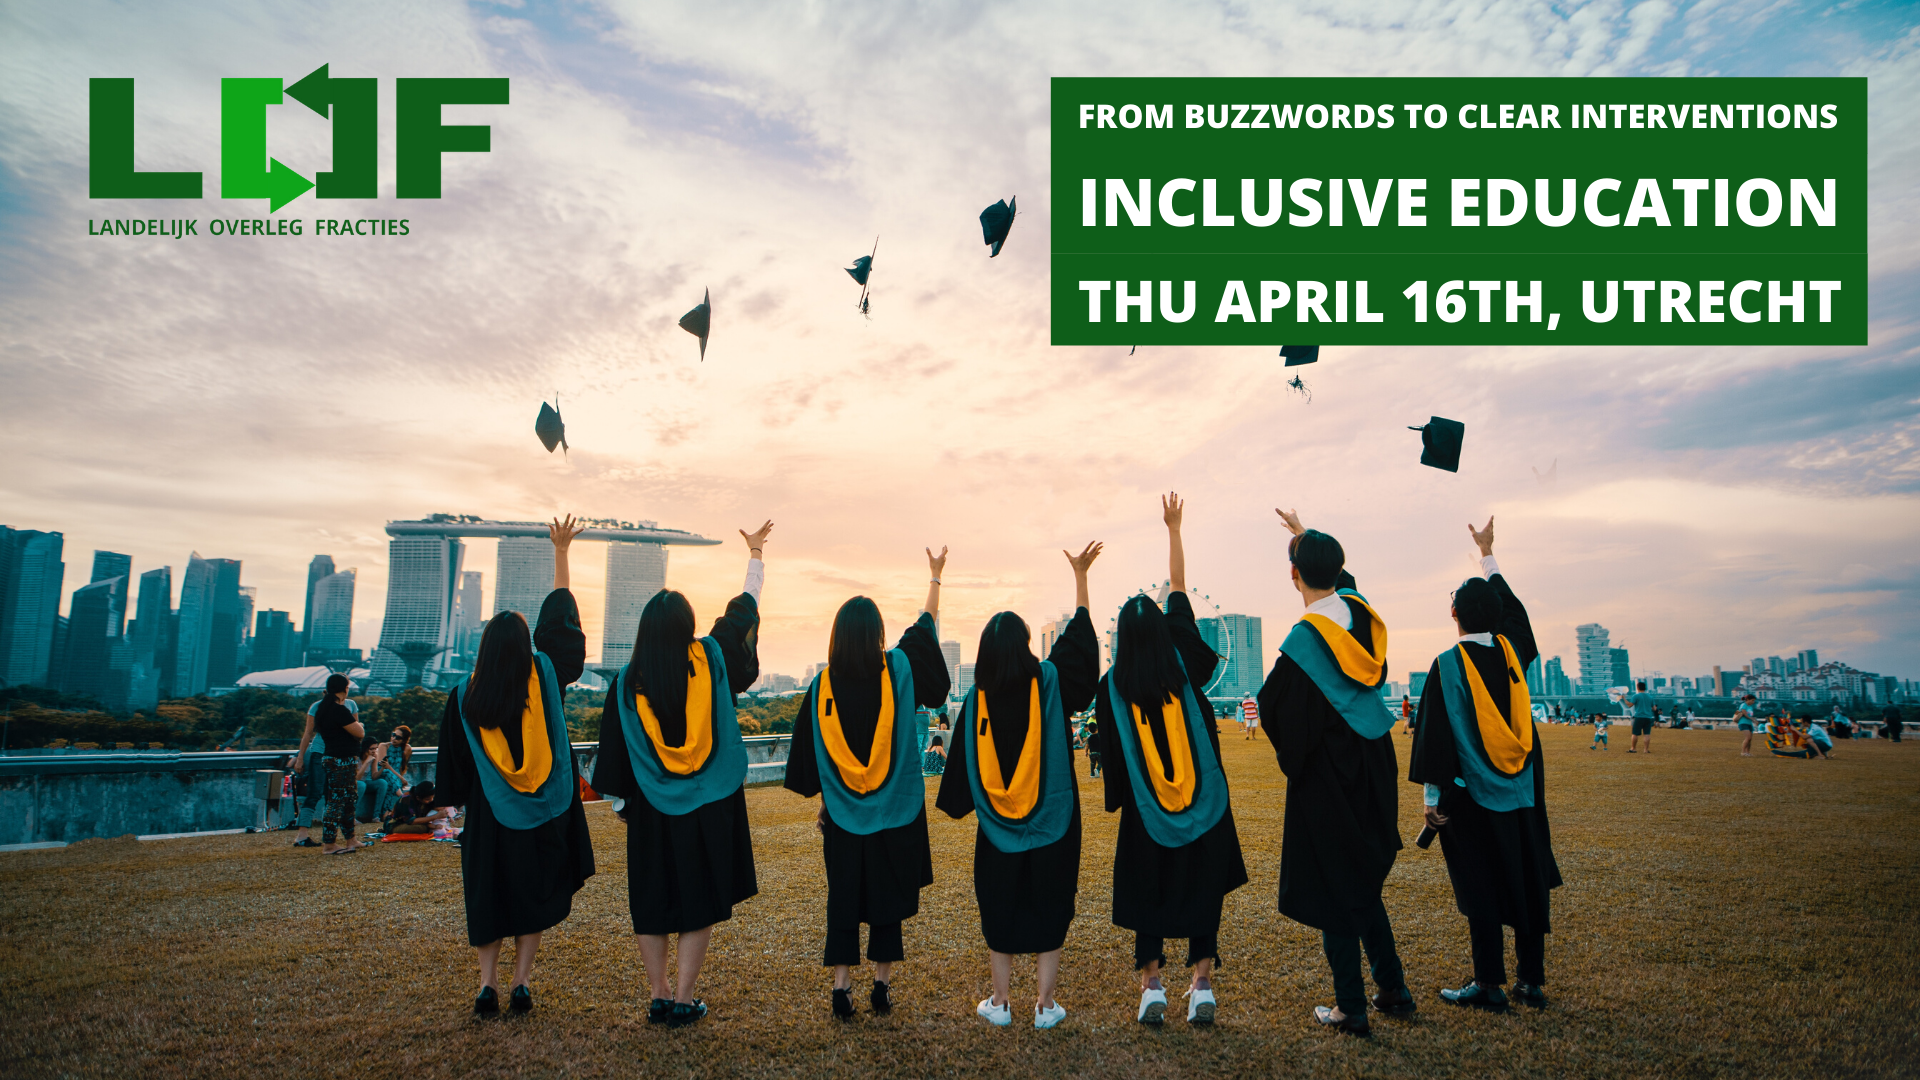 Inclusive education with Landelijk Overleg Fracties